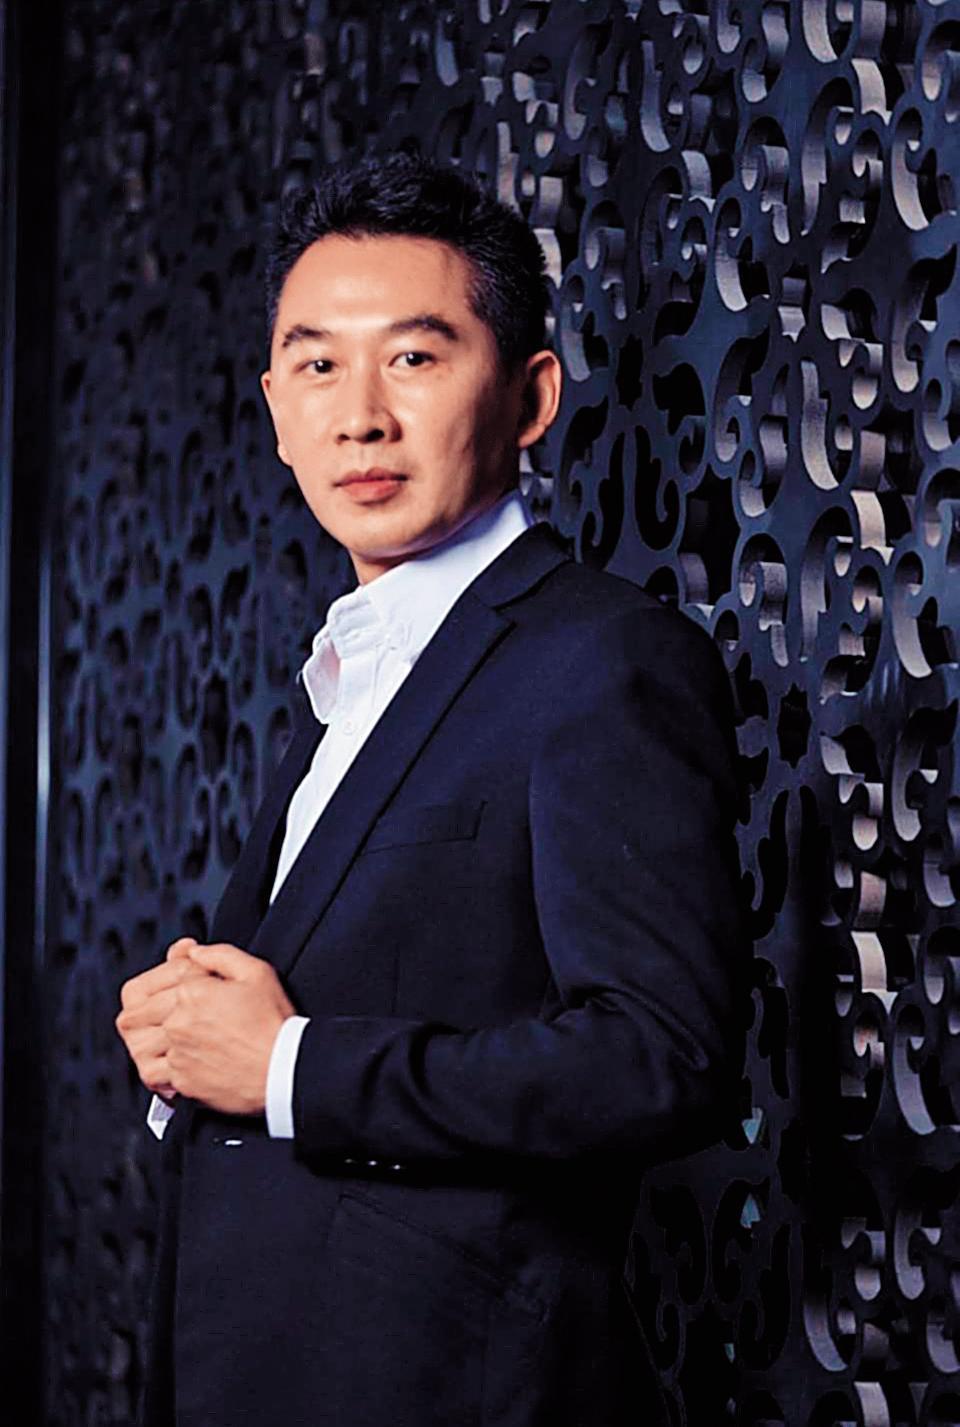 負責美仕特餐廳裝潢的設計師江奕宸有超過7百萬元尾款未收,損失慘重。(江奕宸提供)